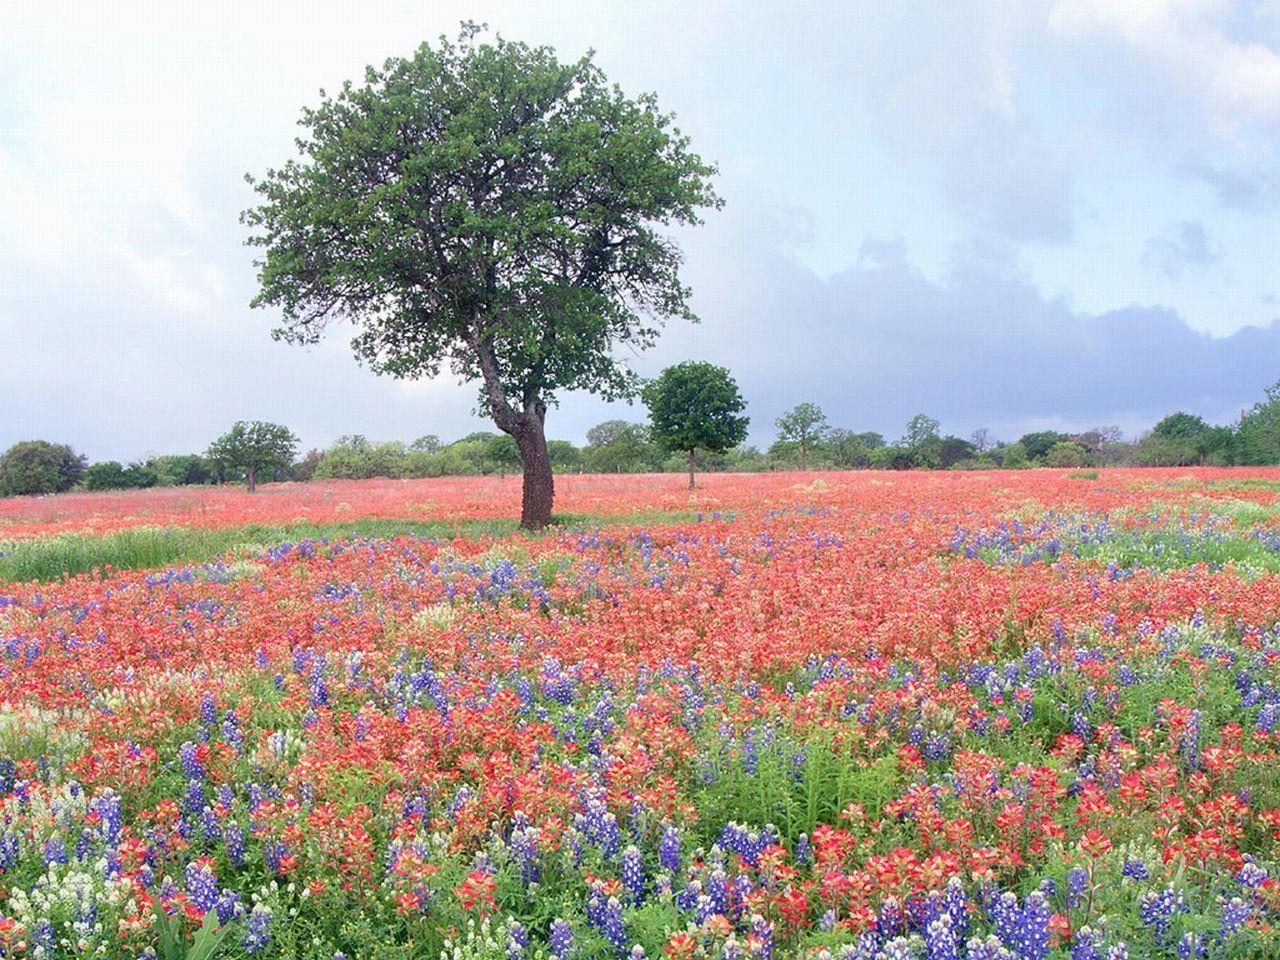 Fond d cran de printemps paysage for Fond ecran ete fleurs